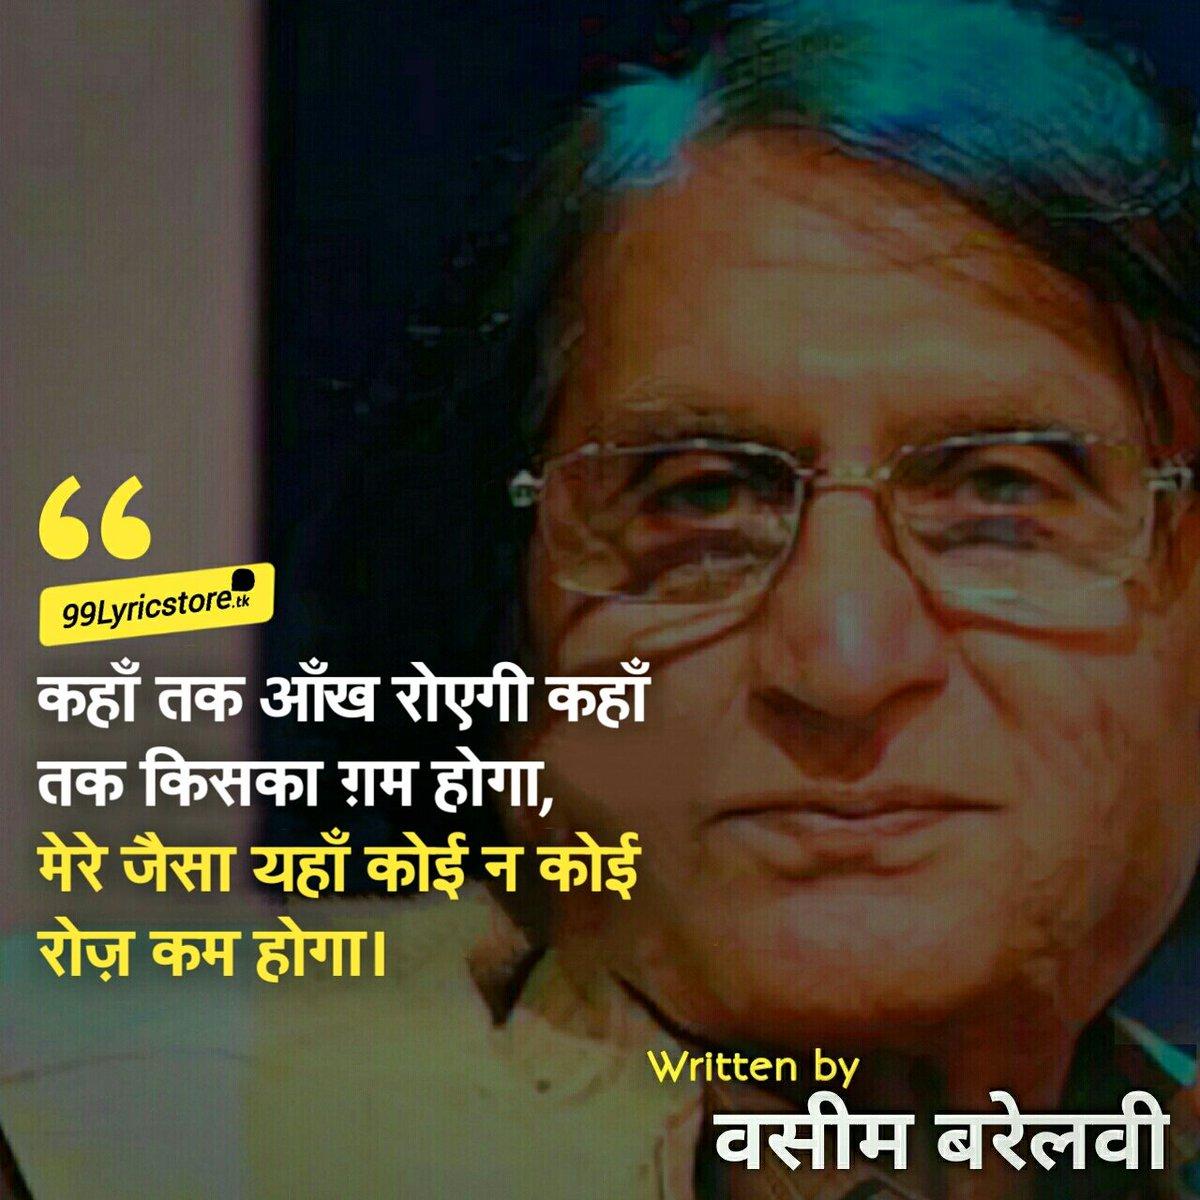 Kahan Tak Aankh Royegi Kahan Tak Kiska Gham Hoga' written by Waseem Barelvi. This poetry is best Ghazal and Shayari of Waseem Barelvi.